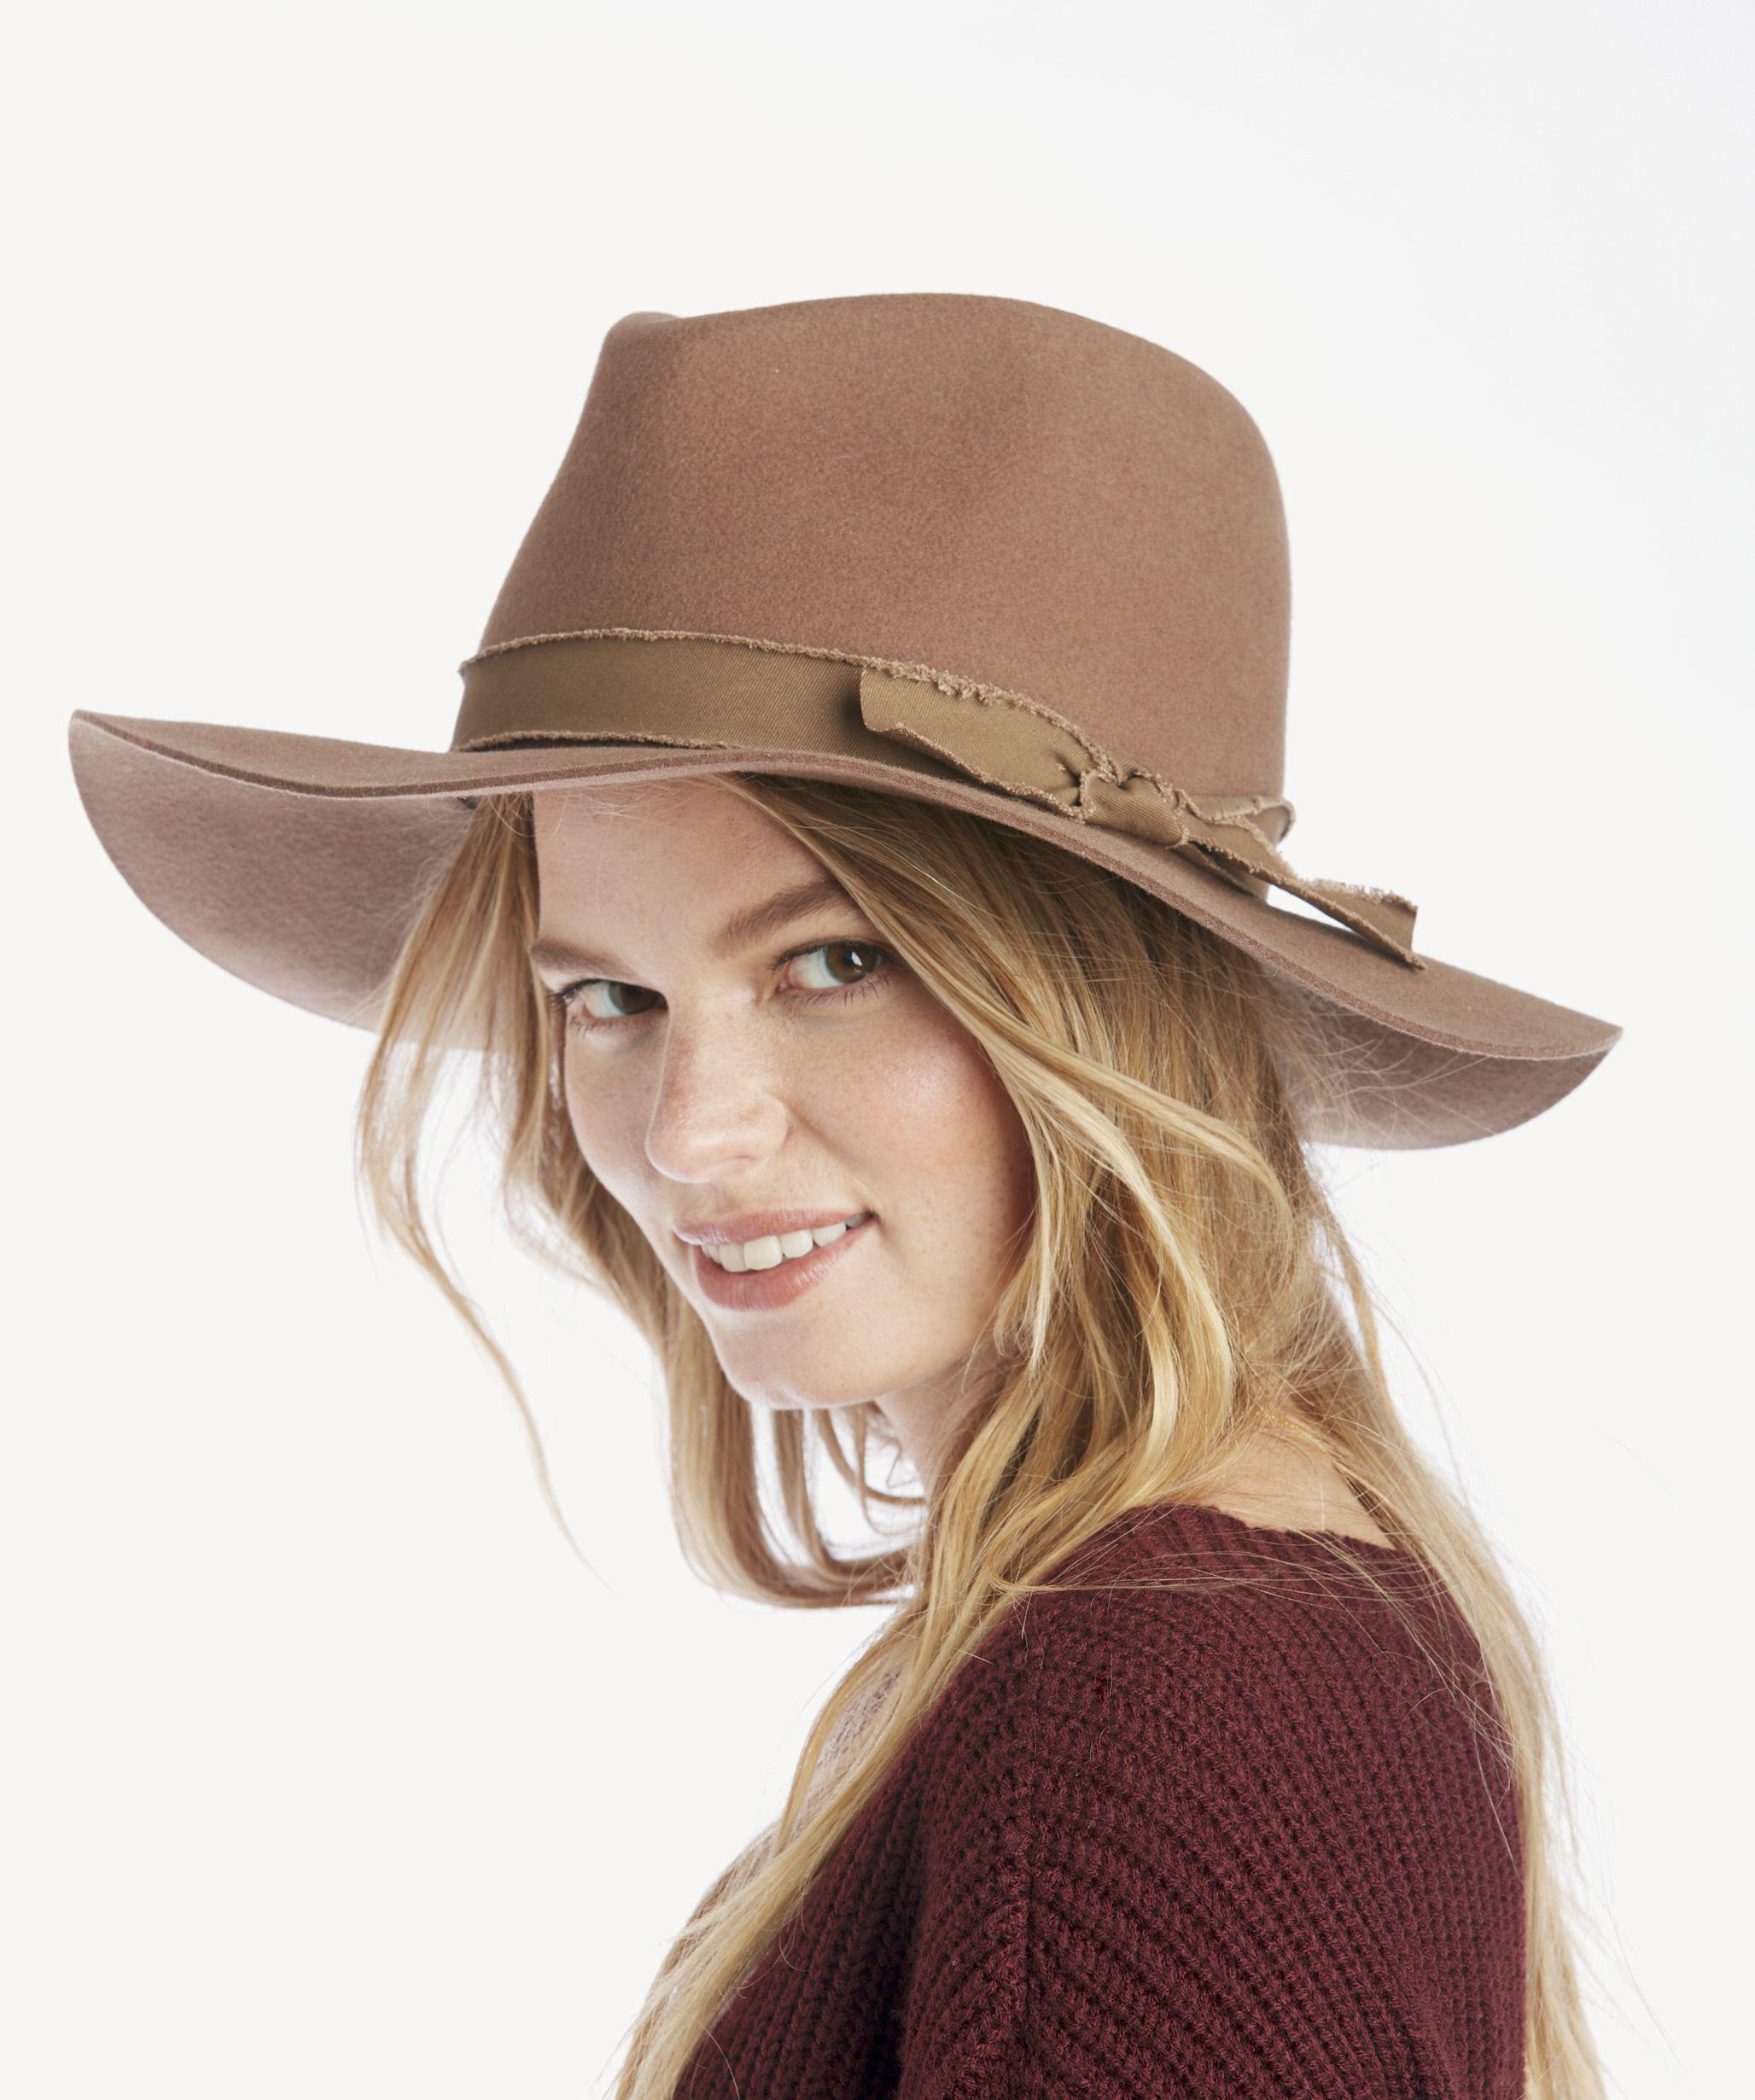 Lyst - Sole Society Wool Felt Panama Hat in Green 957d86e7d835